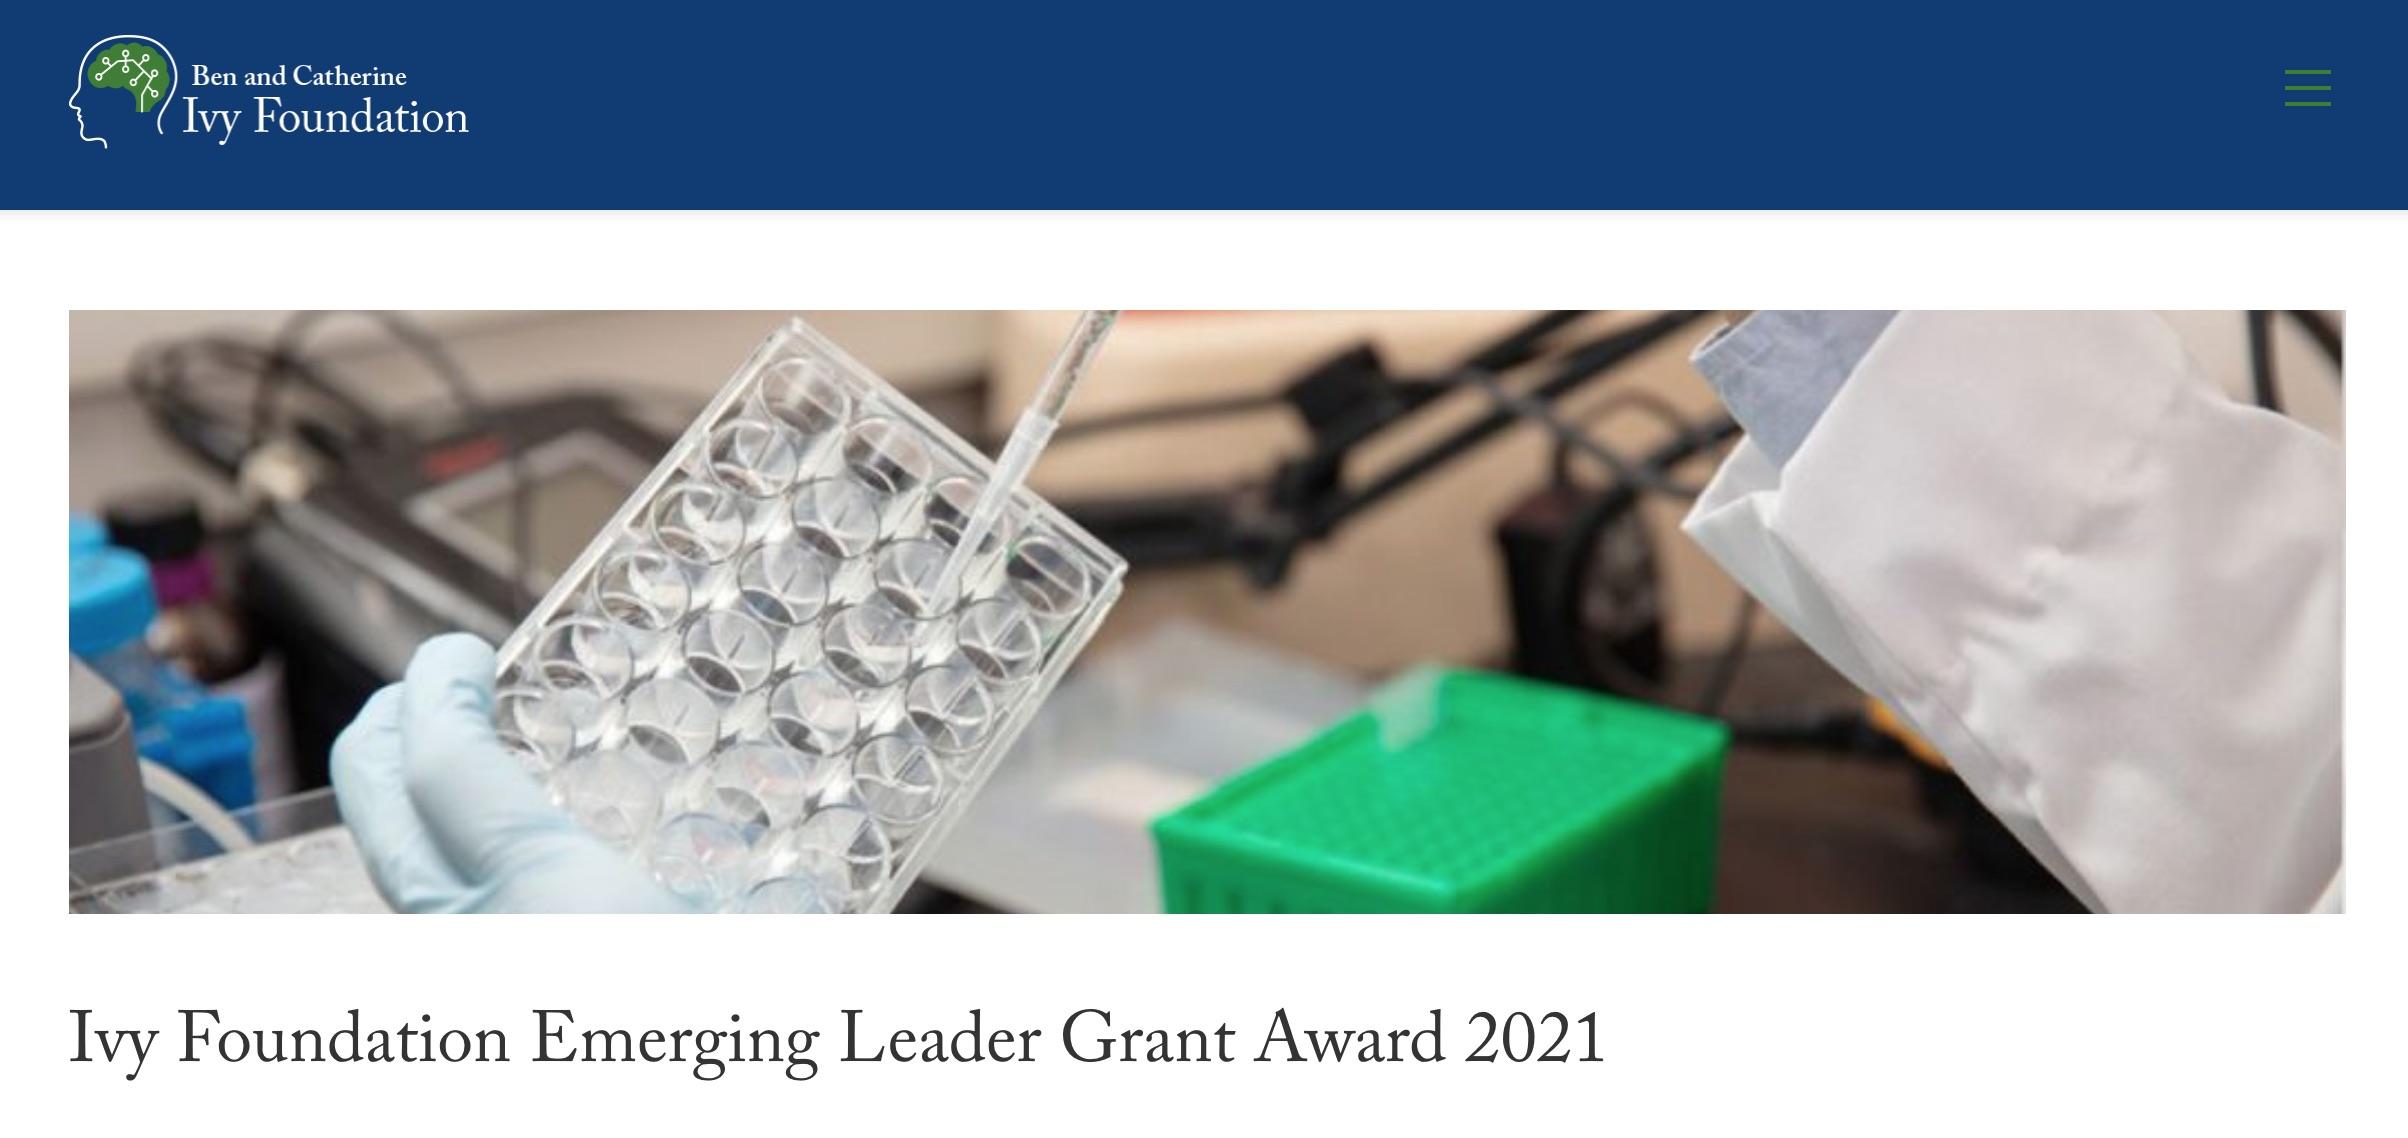 Ivy Foundation Emerging Leader Grant Award website screenshot